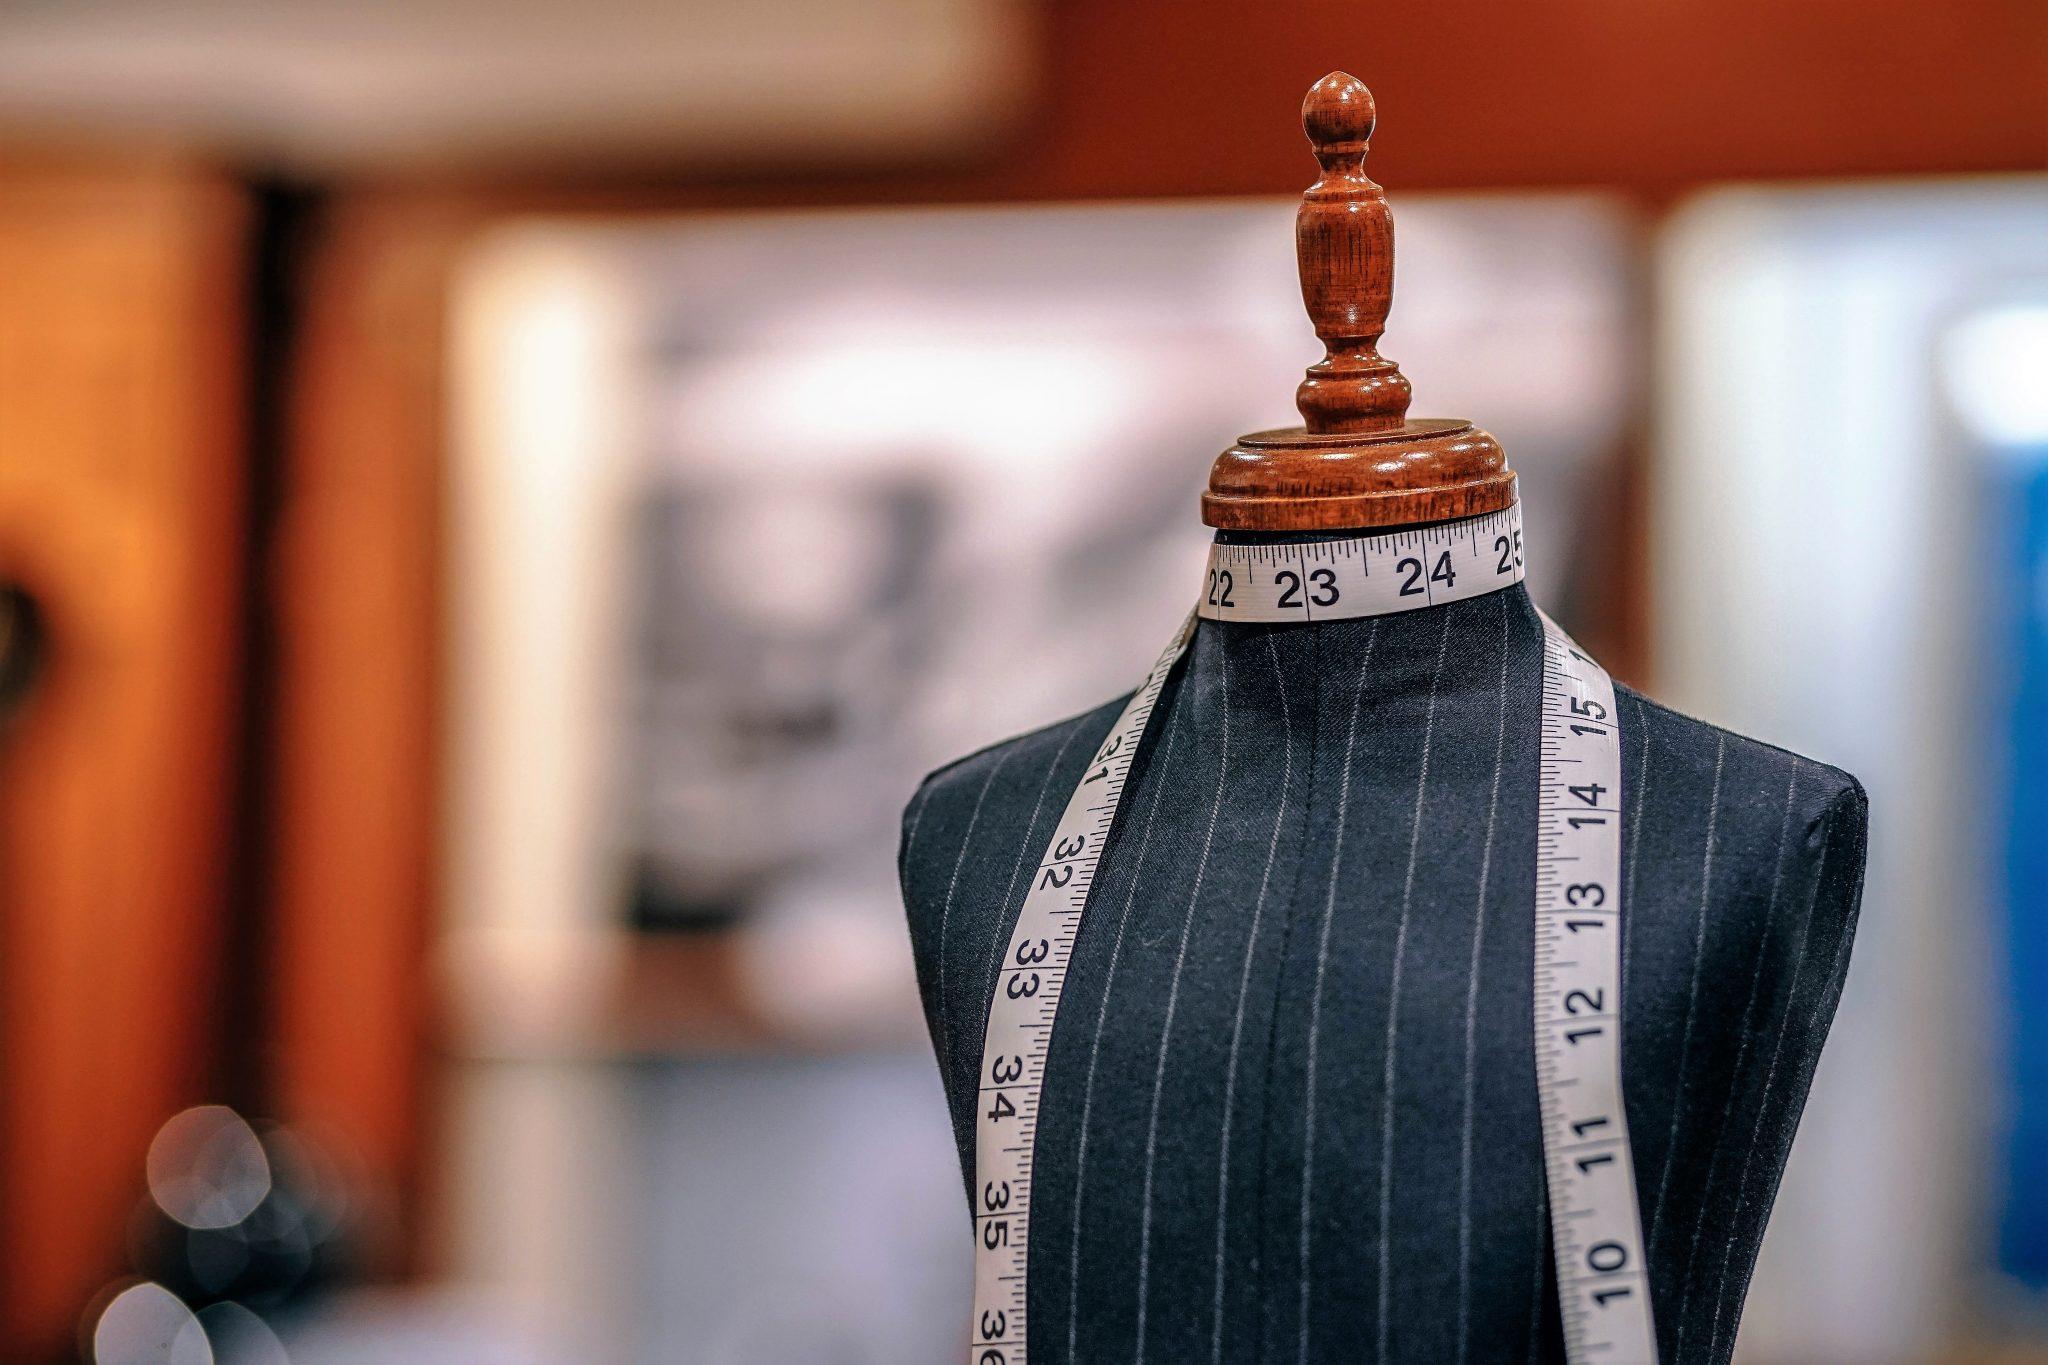 Un manichino spoglio, simbolo del settore moda bolognese